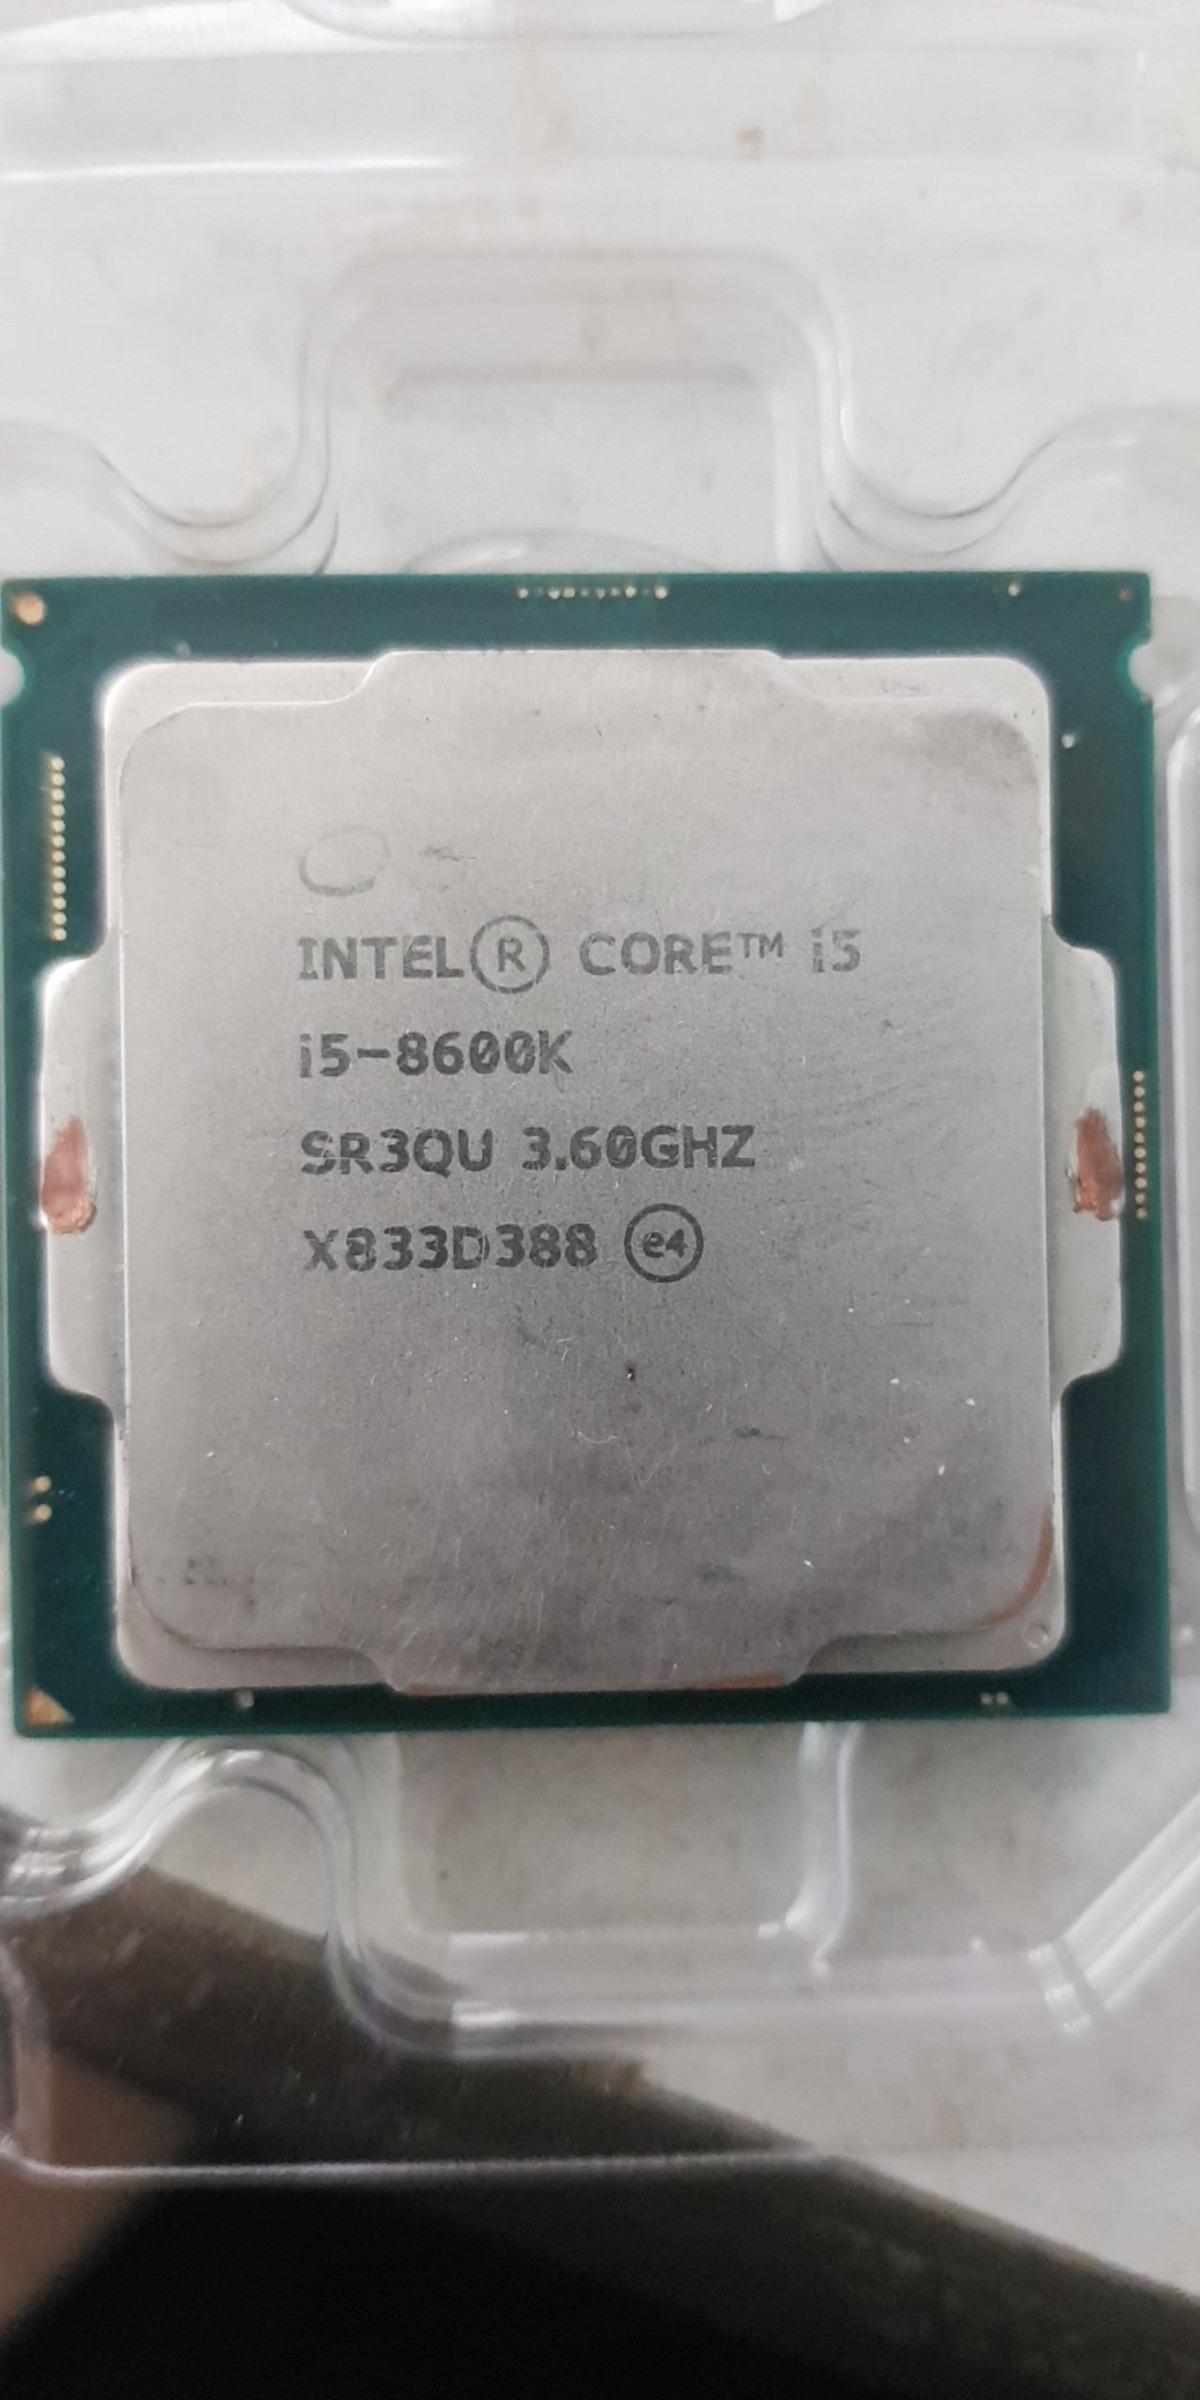 202043961cc5-4615-4b4a-b2da-99d1814c1ade.jpg